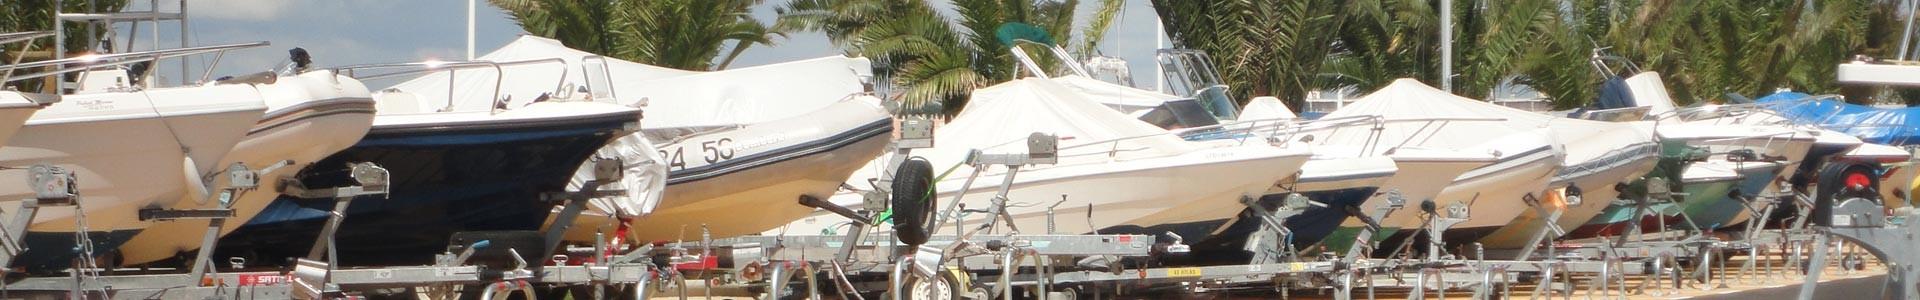 tetiere-parc-a-bateau-2221